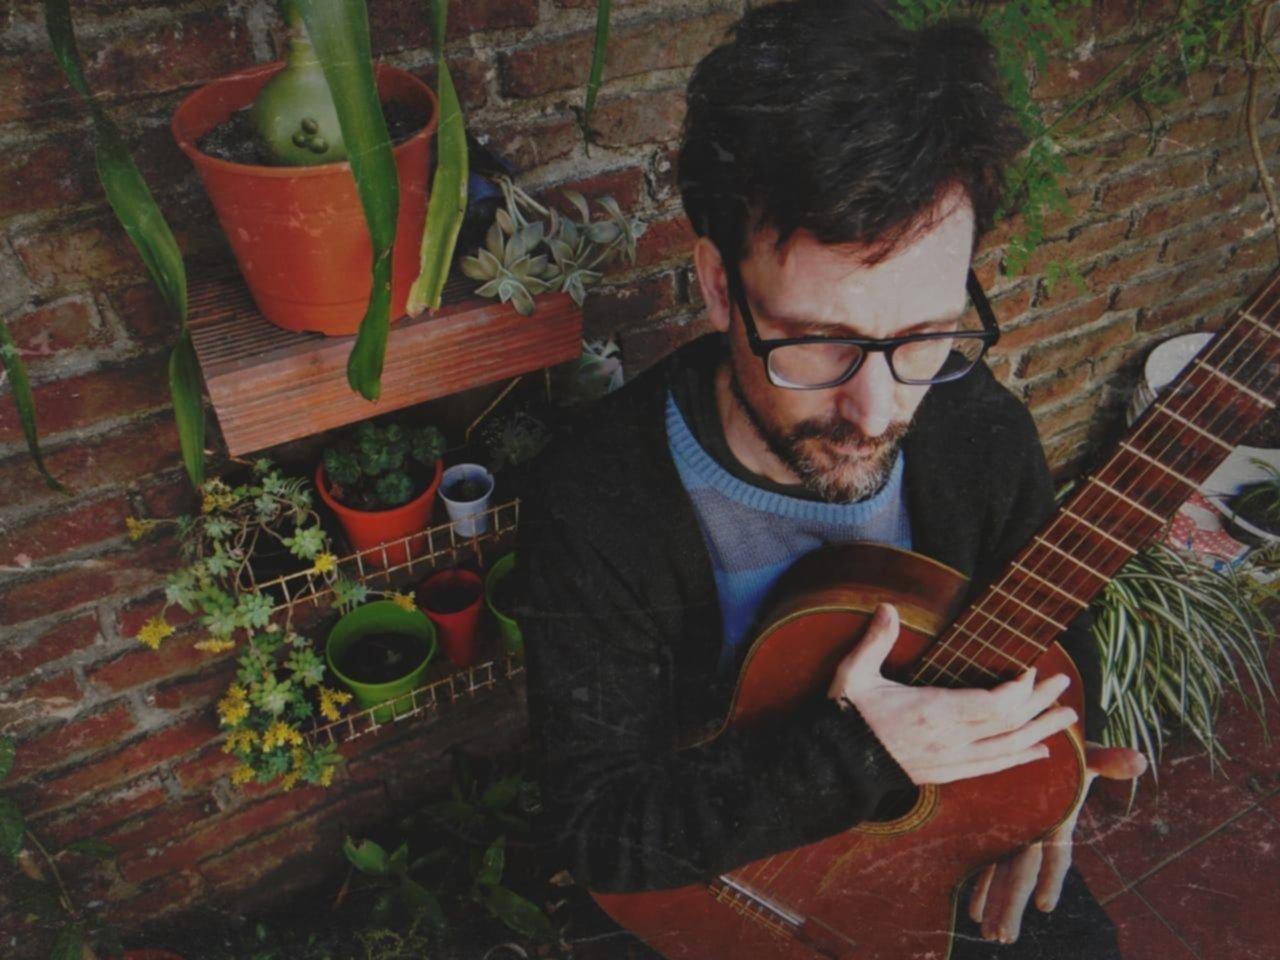 Jésus Rivero presenta ¡Cielo, Cielito!, el primer adelanto de su nuevo disco Folqui Popi